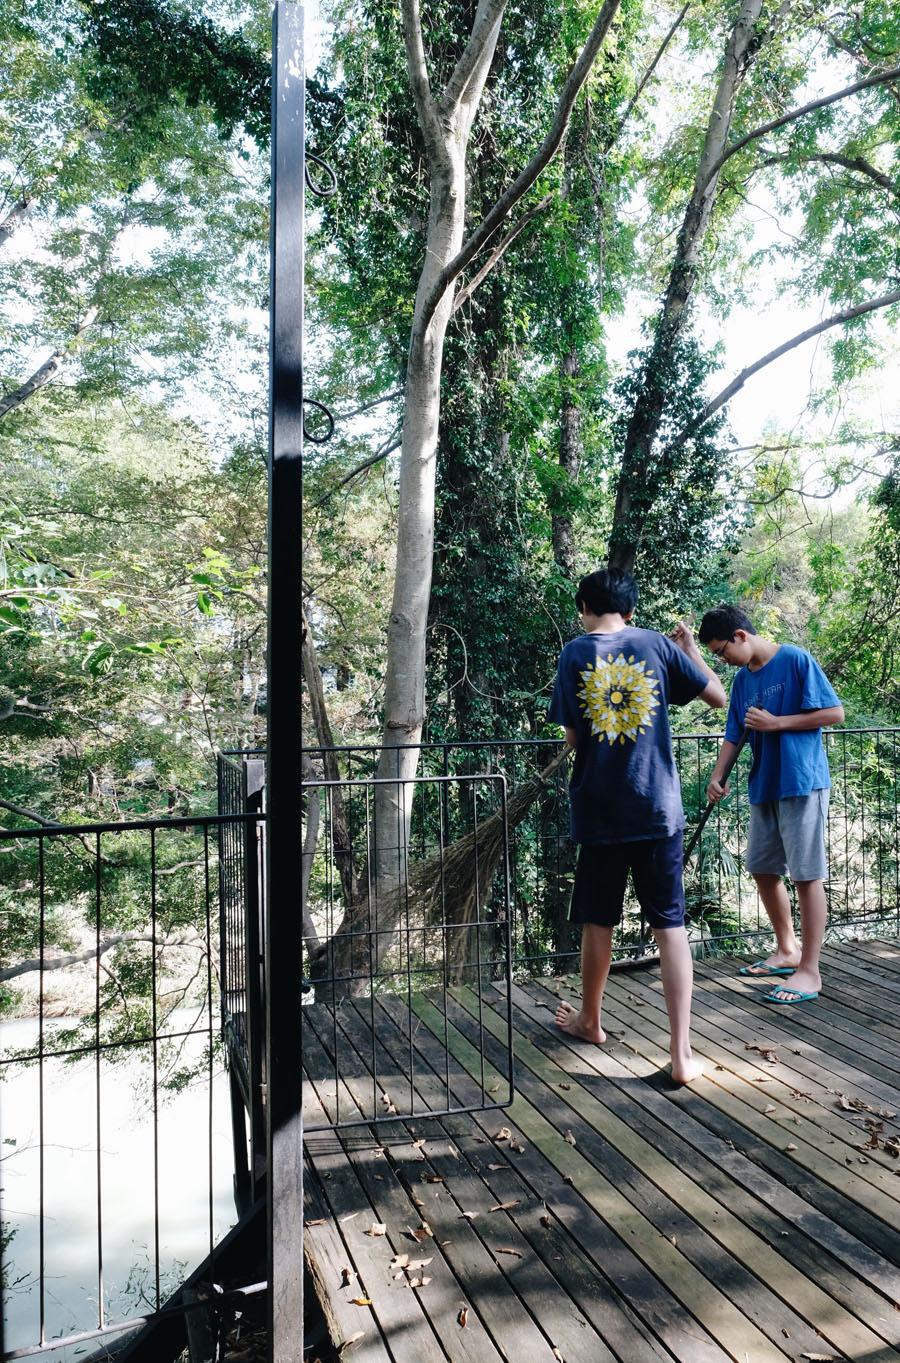 広いテラスもひとつの部屋のように使える住まいは川に降りる事もでき、ここで生まれ育った子供たちも、そのような環境を気に入っていて、手づくりの暮らしを満喫している。